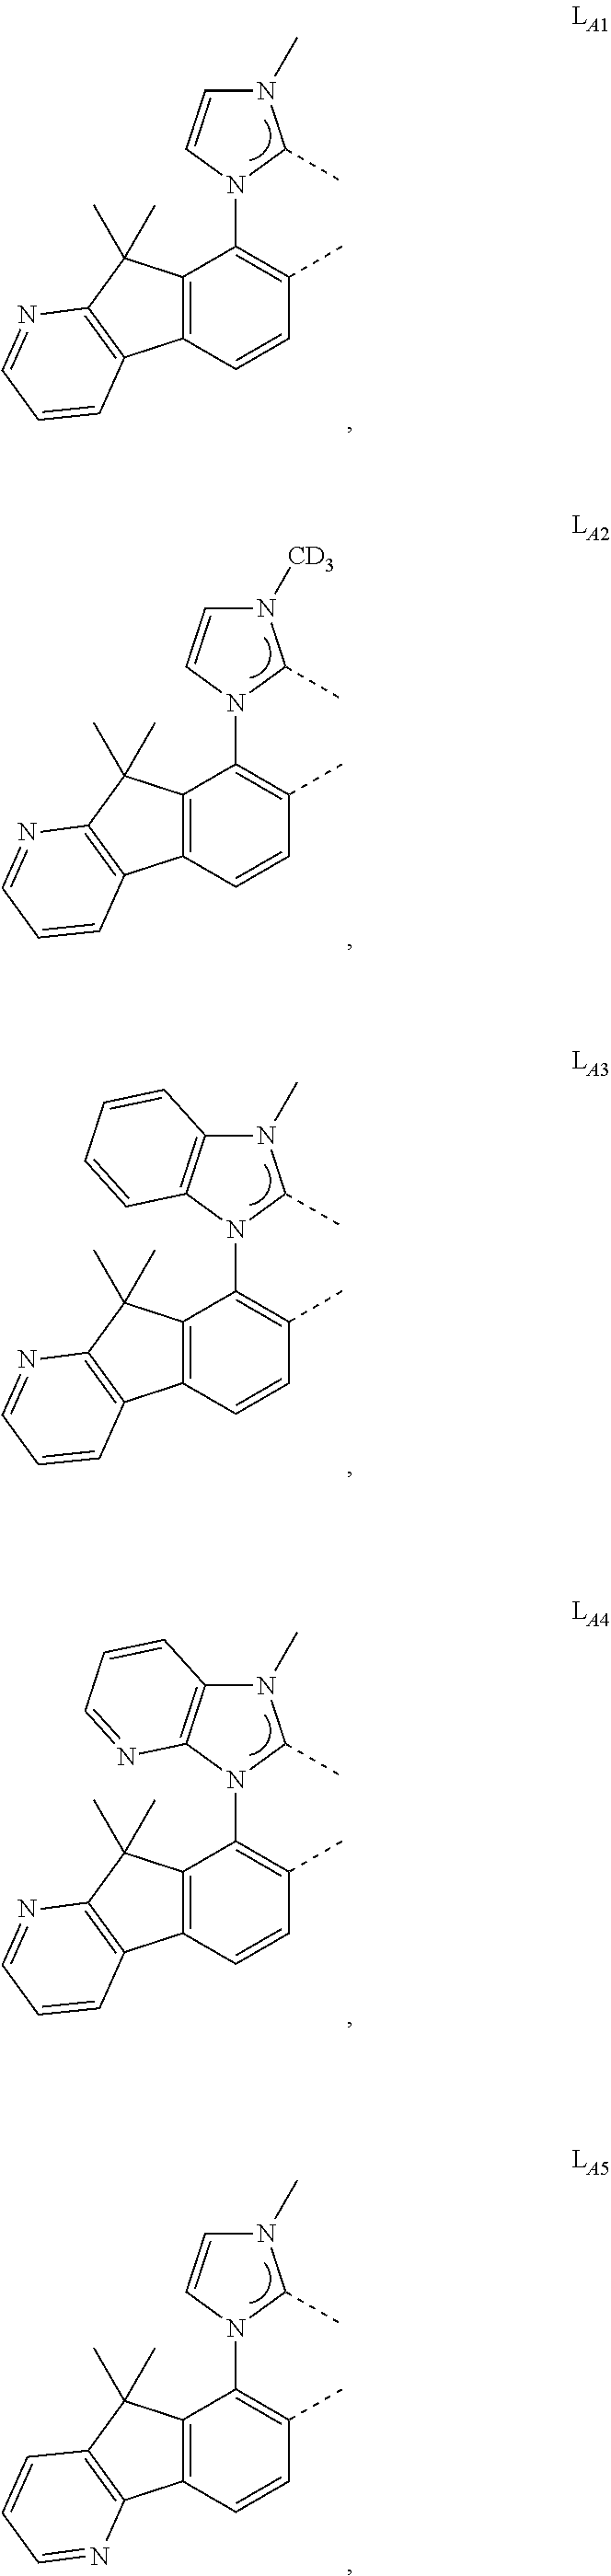 Figure US10003034-20180619-C00437